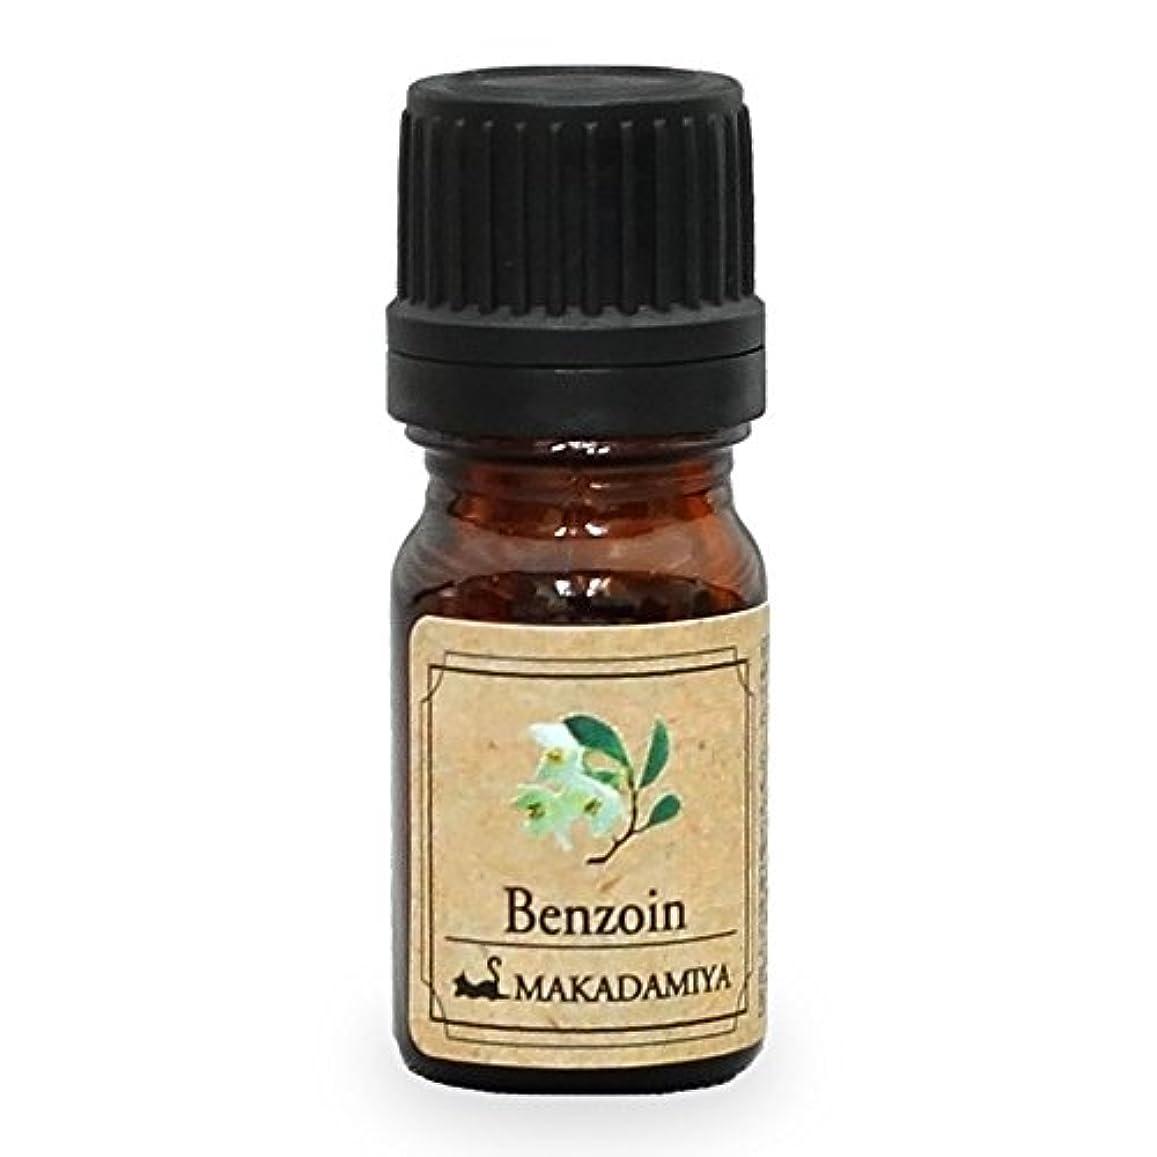 クローゼット宿泊施設チューリップベンゾイン5ml天然100%植物性エッセンシャルオイル(精油)アロマオイルアロママッサージアロマテラピーaroma Benzoin